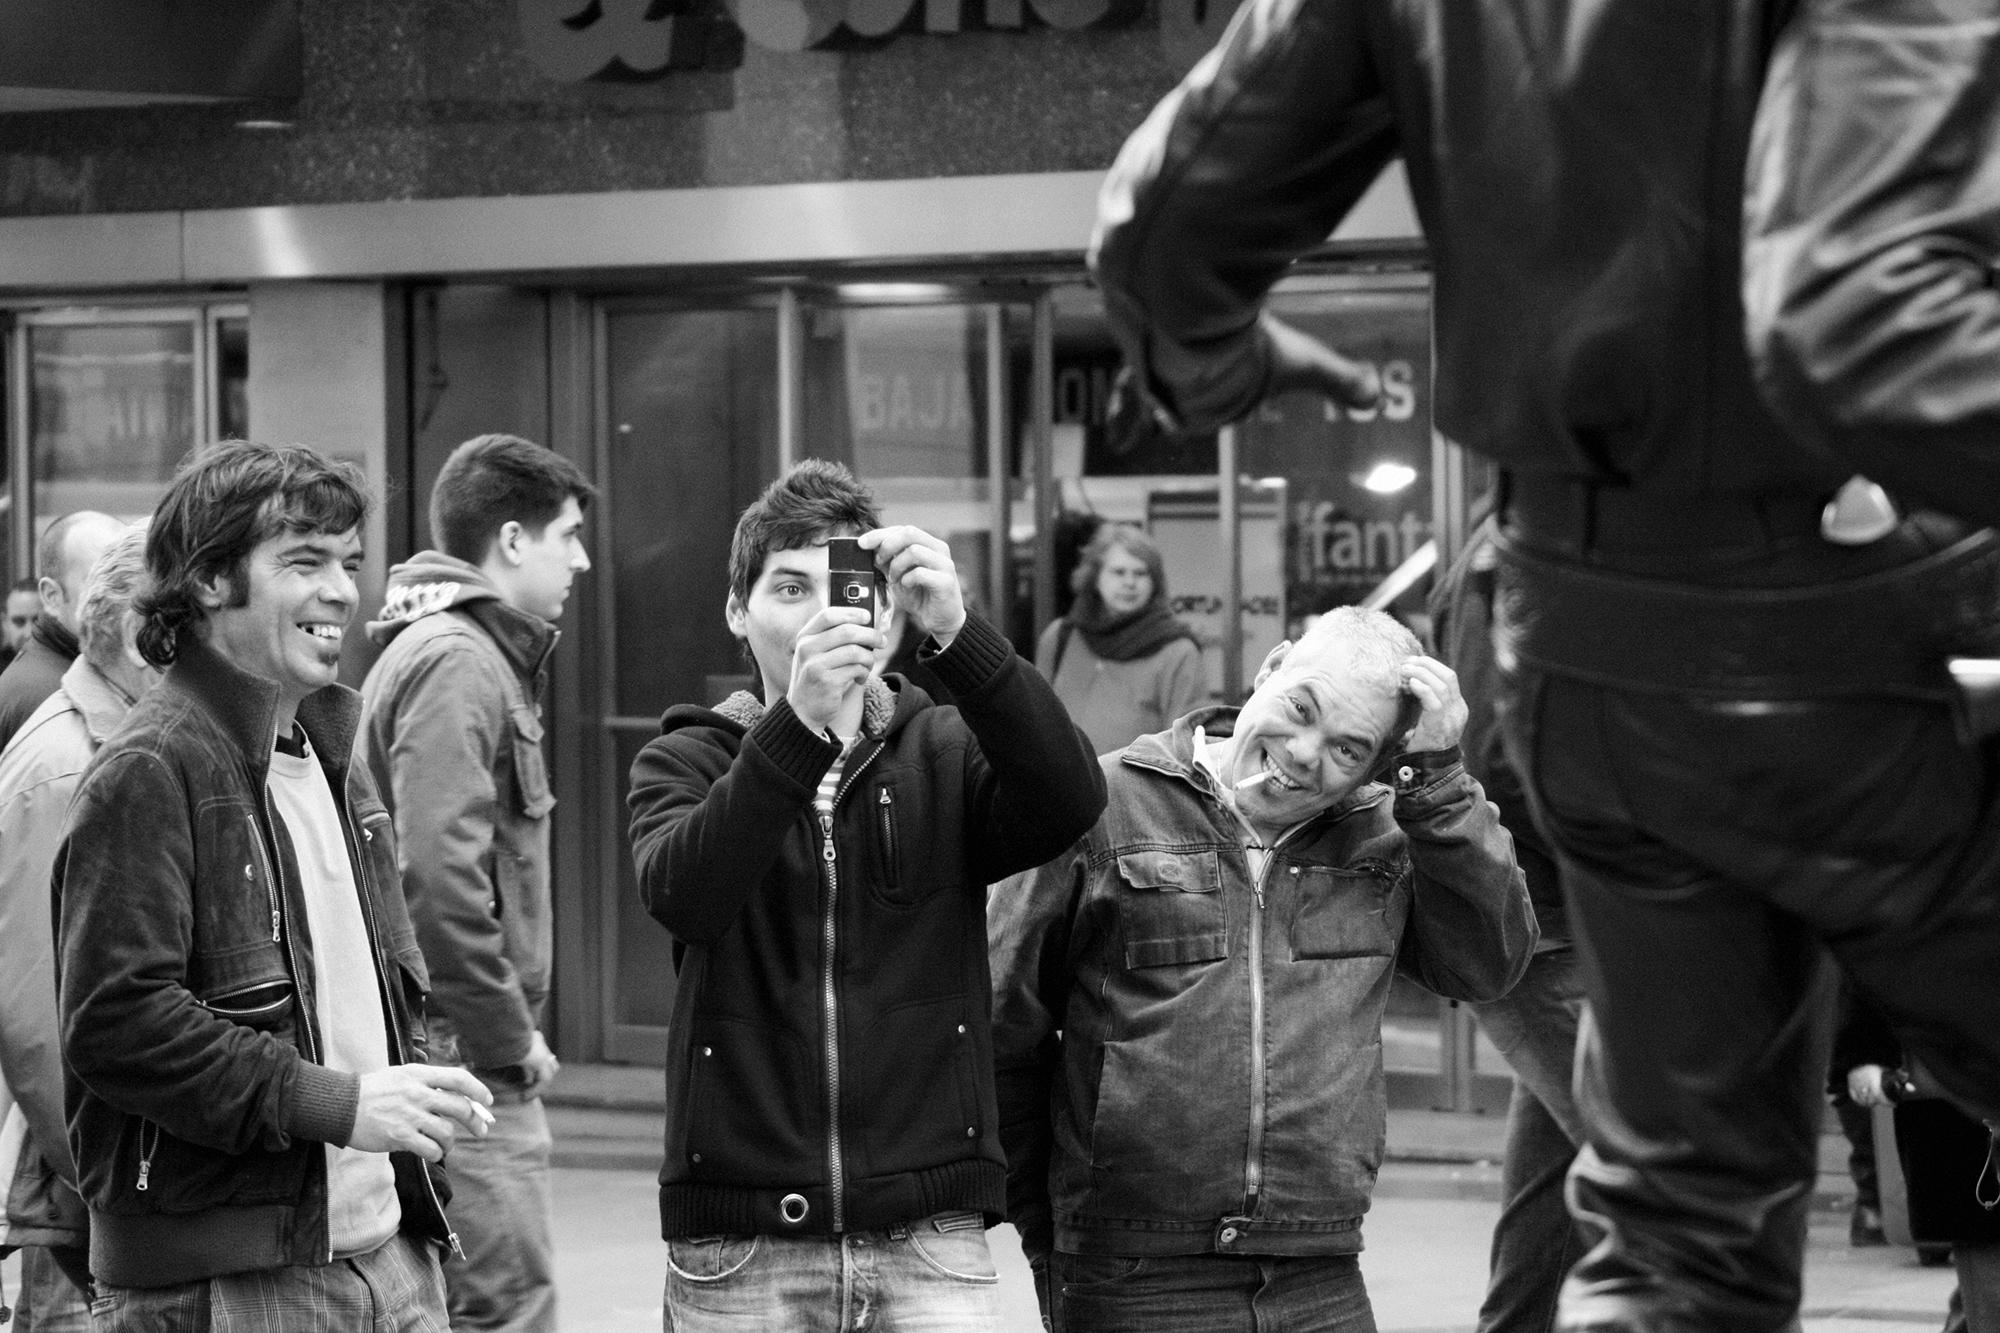 plano general, blanco y negro. grupo de gente haciendo fotos, en actitud burlona, a una estatua viviente en la calle.